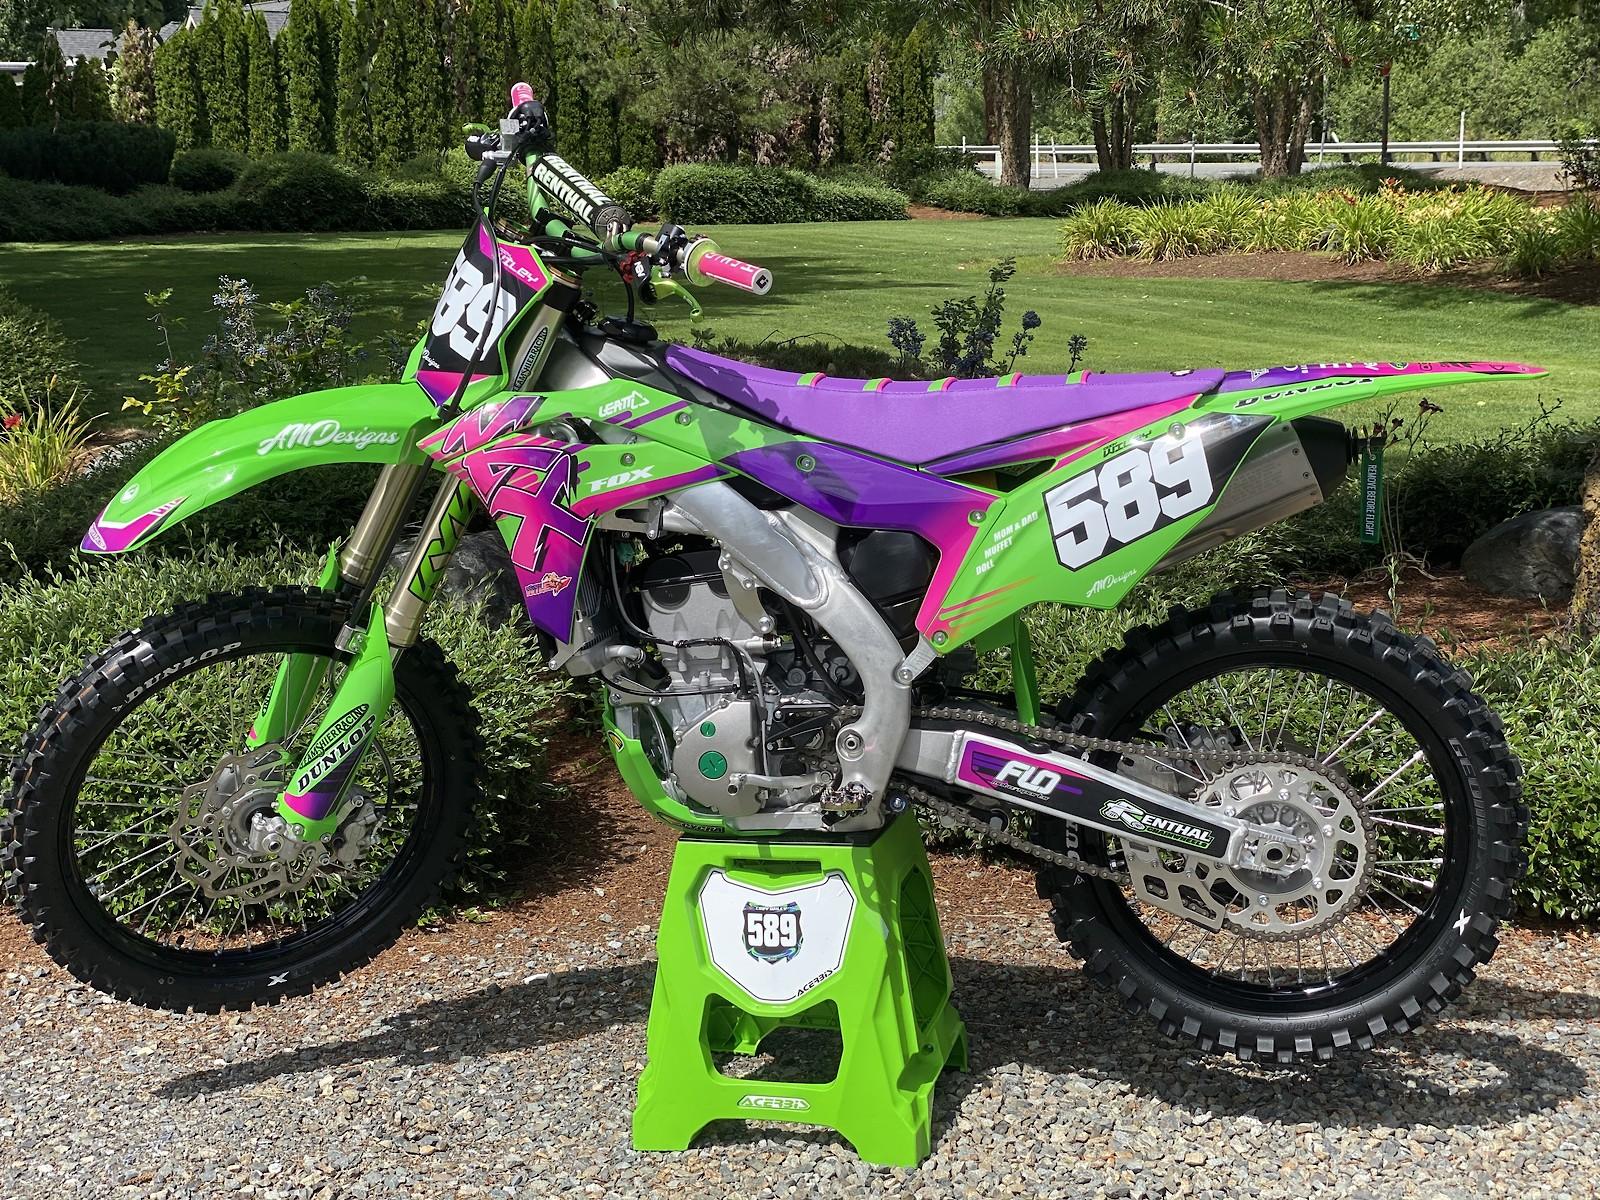 Cody's 2020 KX250